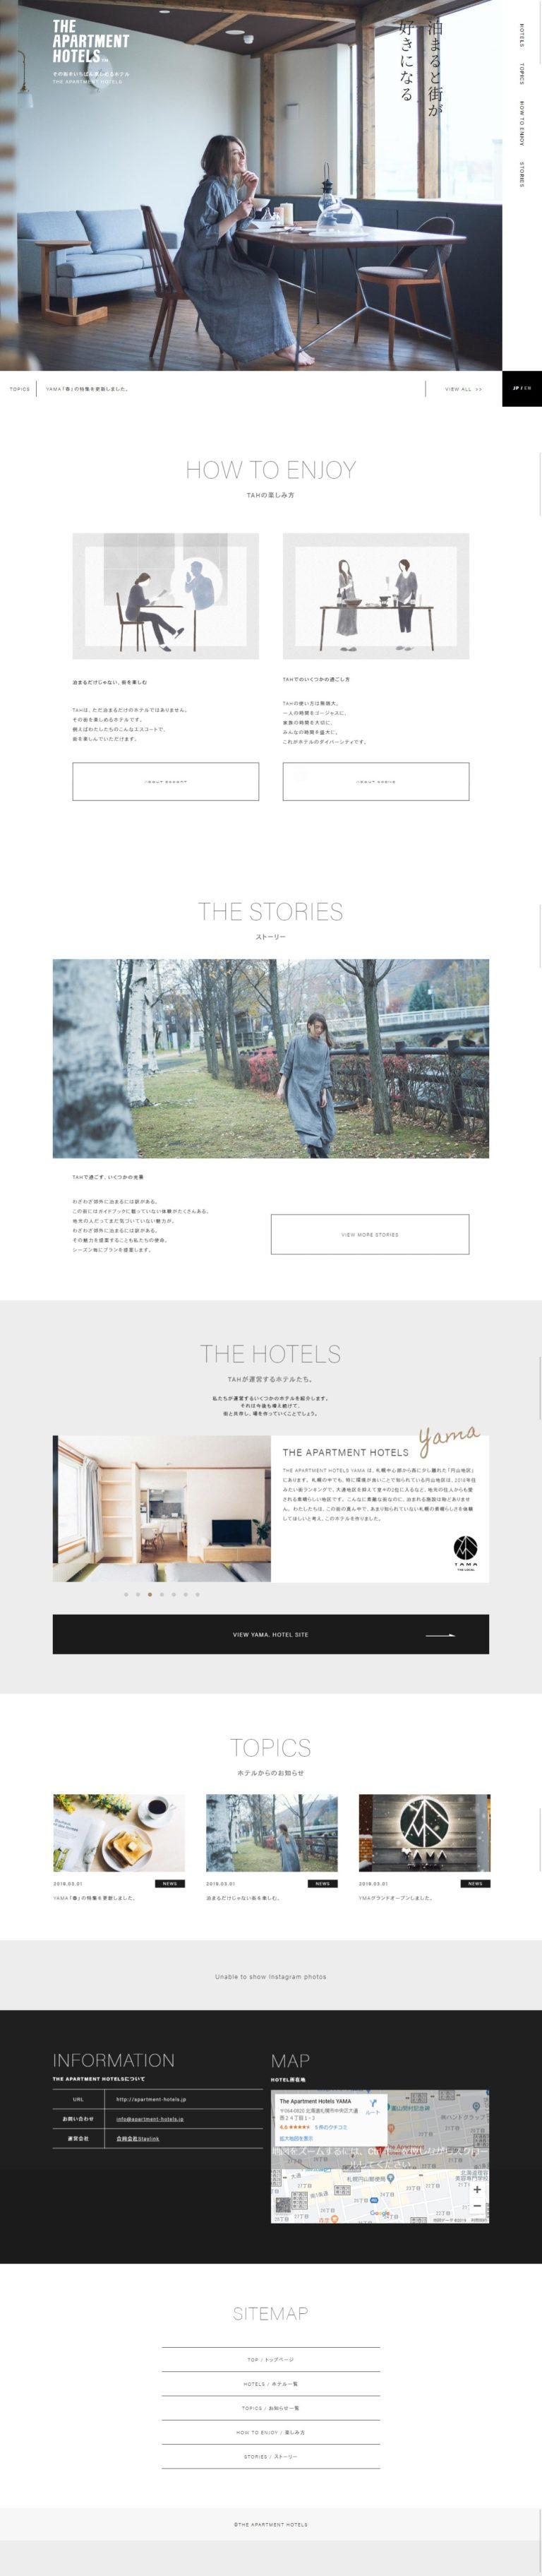 ザアパートメントホテルズ【公式】|その街をいちばん楽しめるホテル